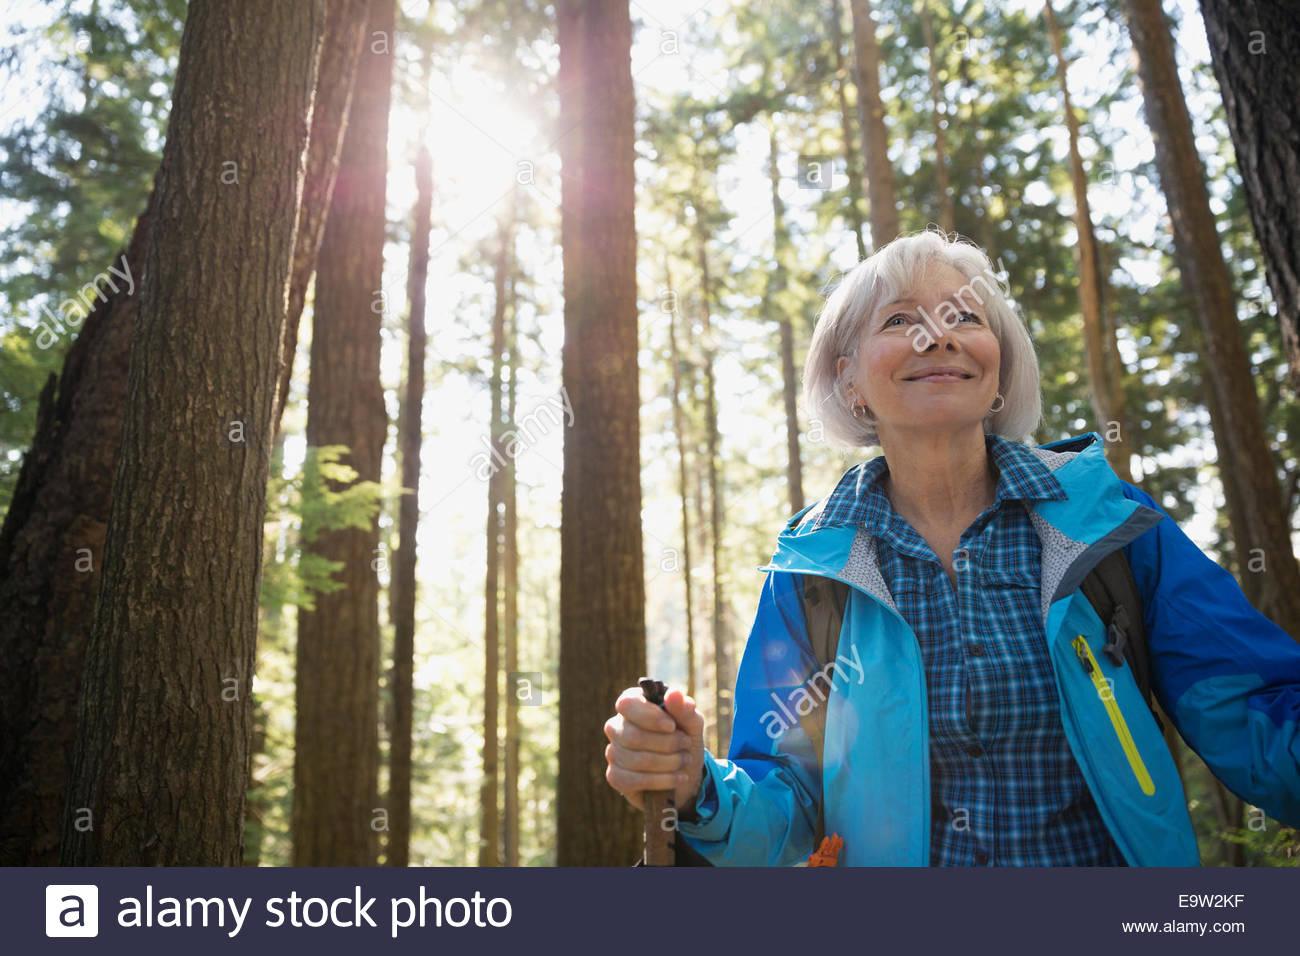 Sonriente mujer senior senderismo por debajo de árboles en bosques Imagen De Stock